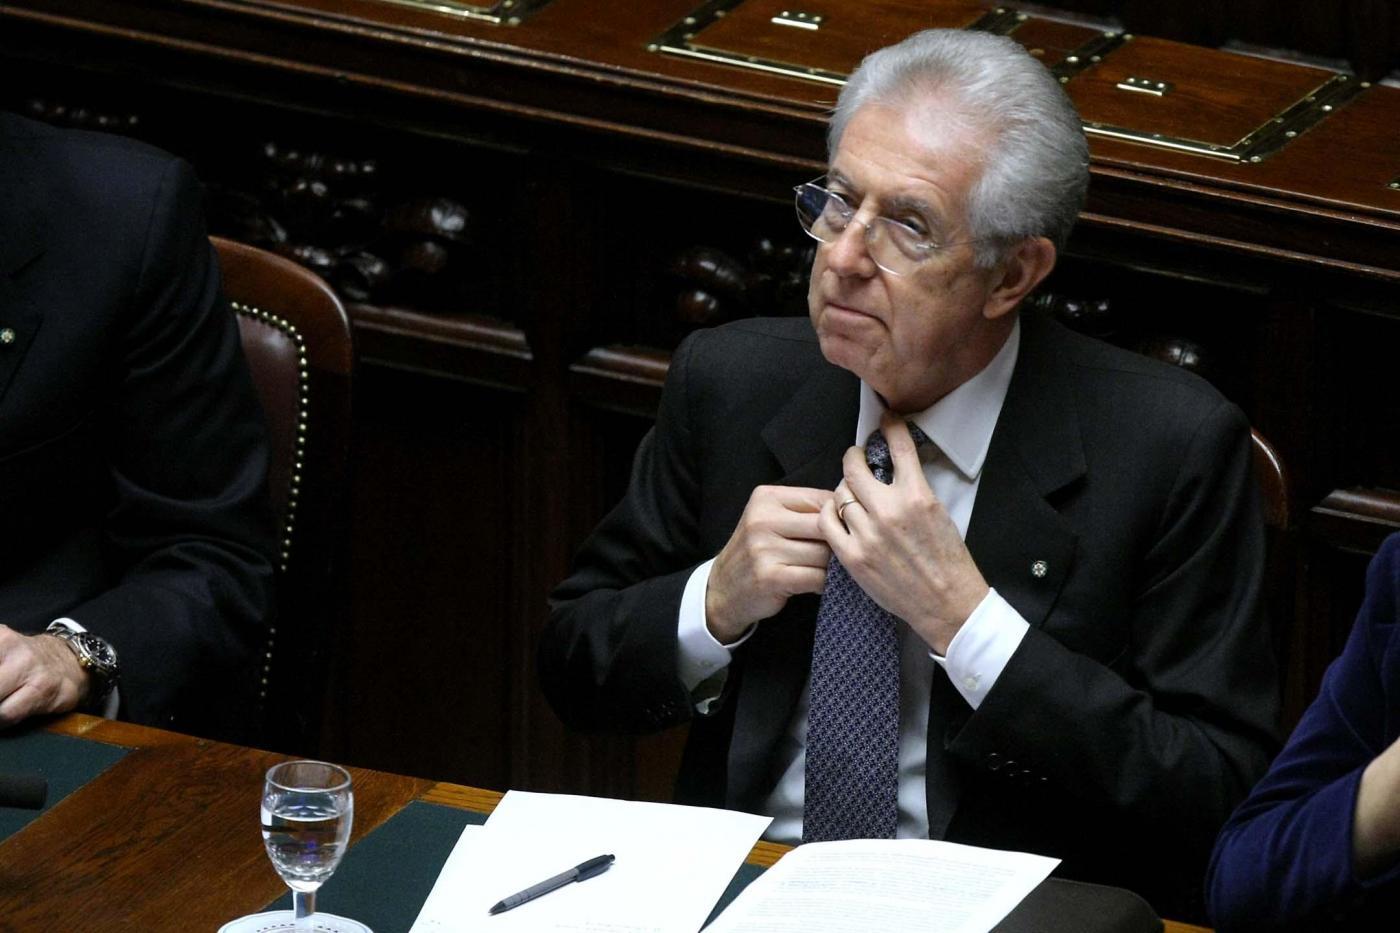 Rai, Monti progetta la riforma: meno politica, più efficienza. Ci riuscirà?